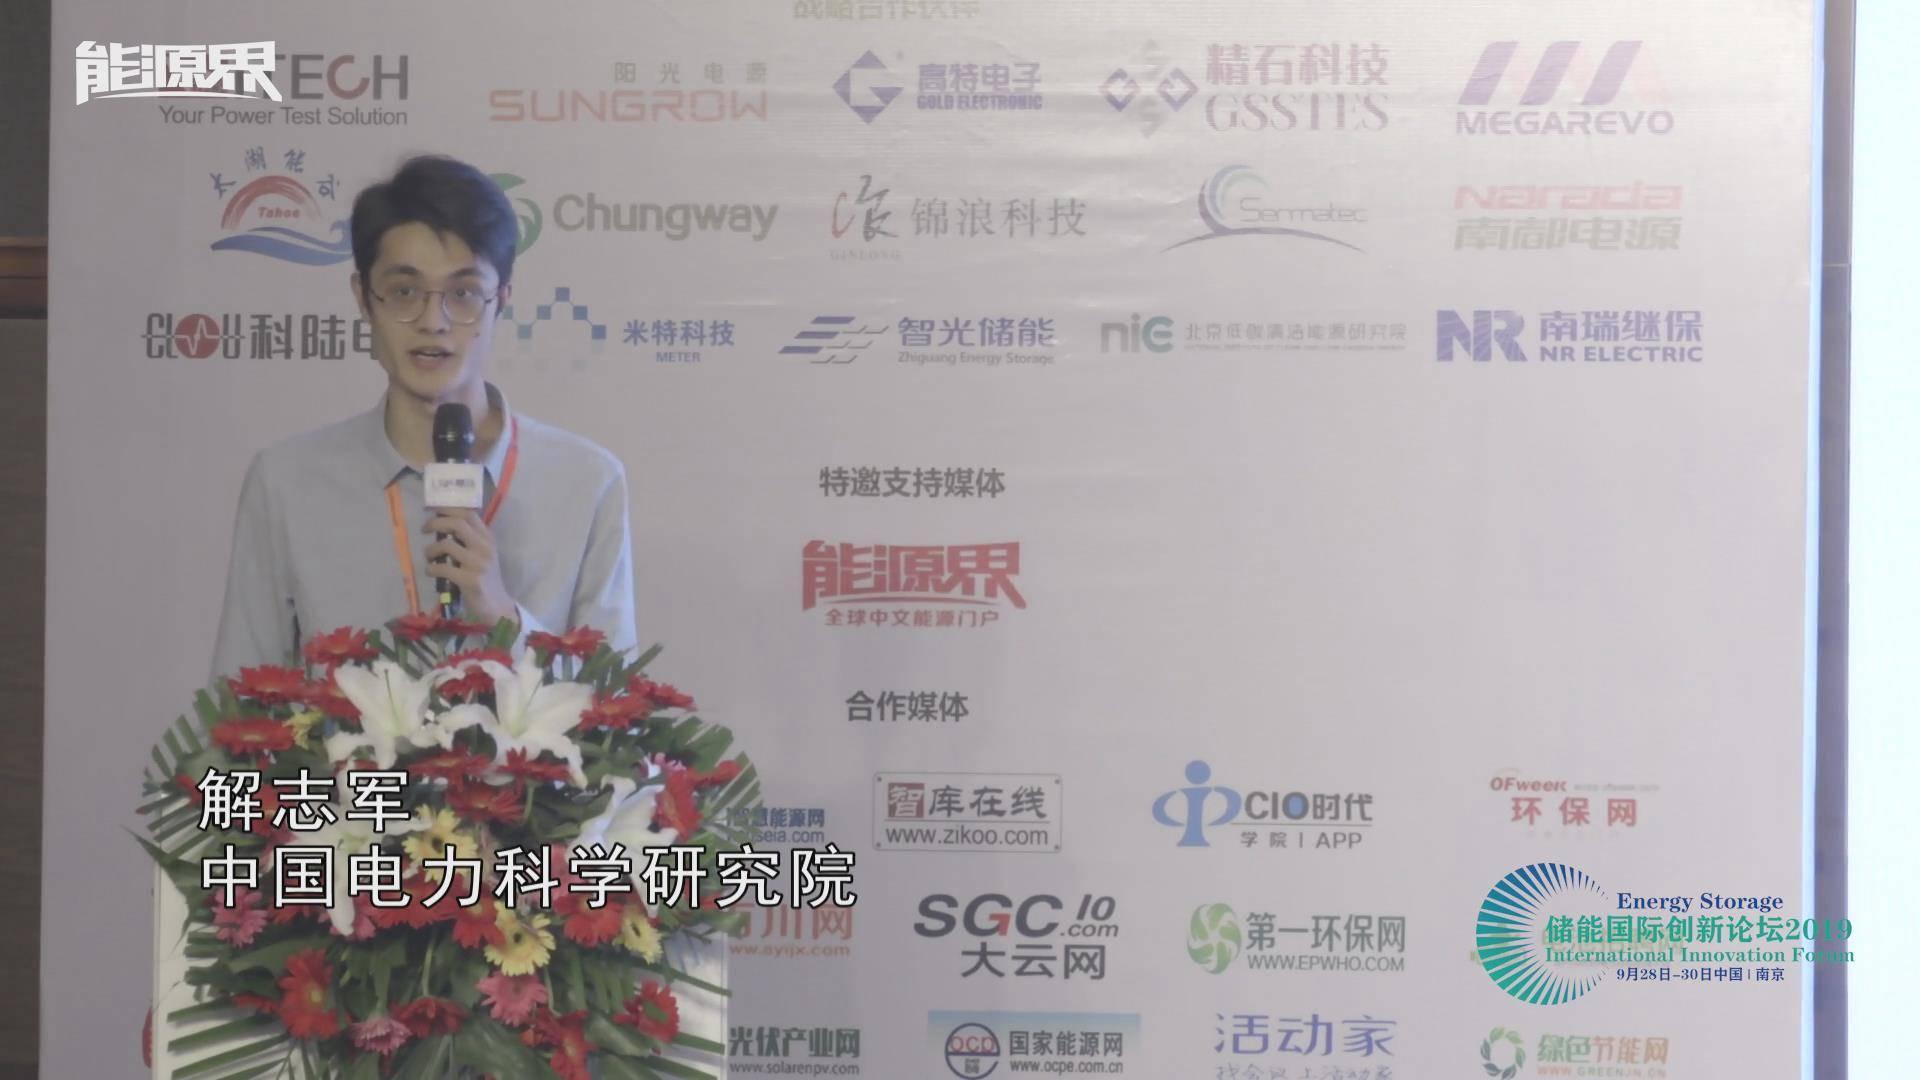 解志军:人工智能在能源互联网与储能中的应用研究